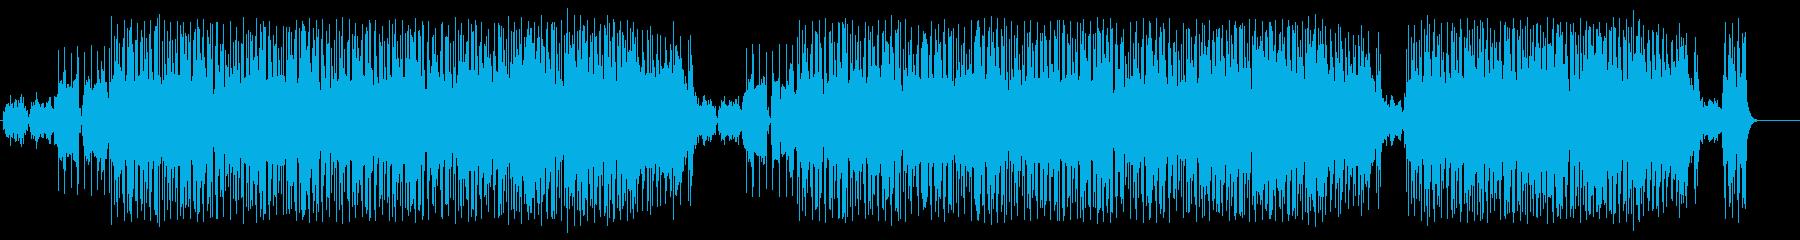 淡々としたポップ(フルサイズ)の再生済みの波形